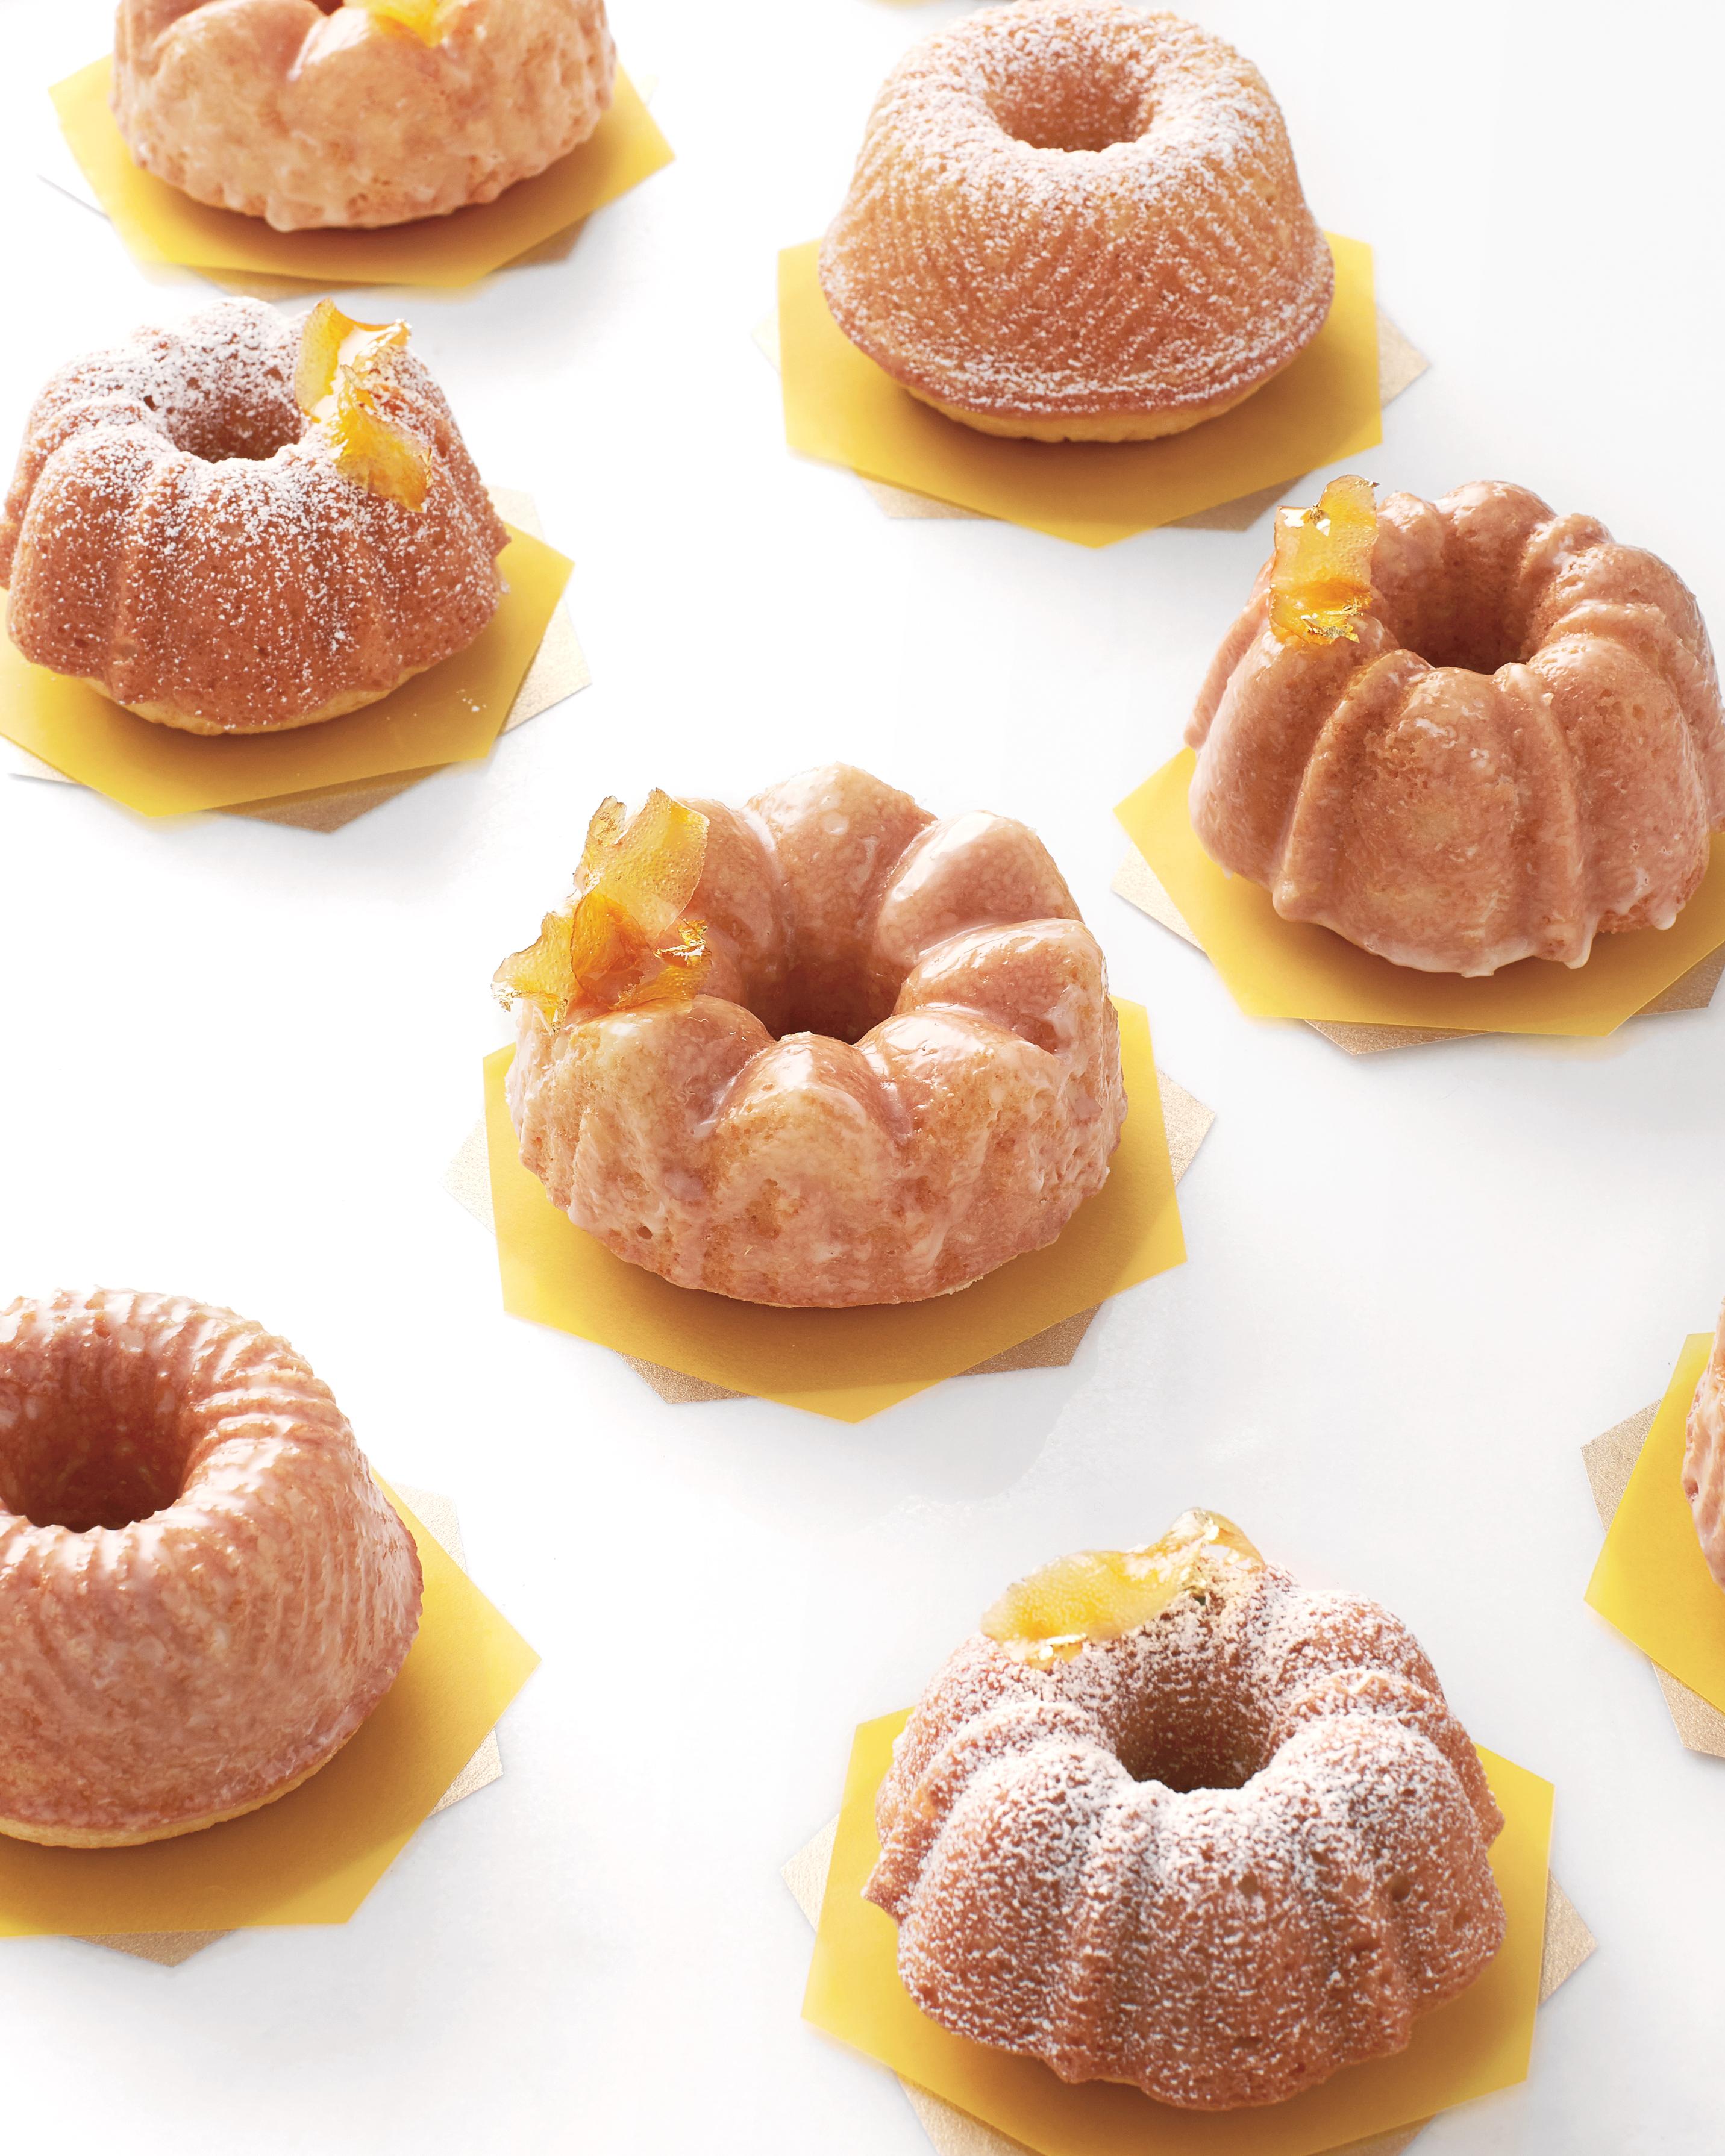 mini-bundt-cakes-052-mwd110955.jpg